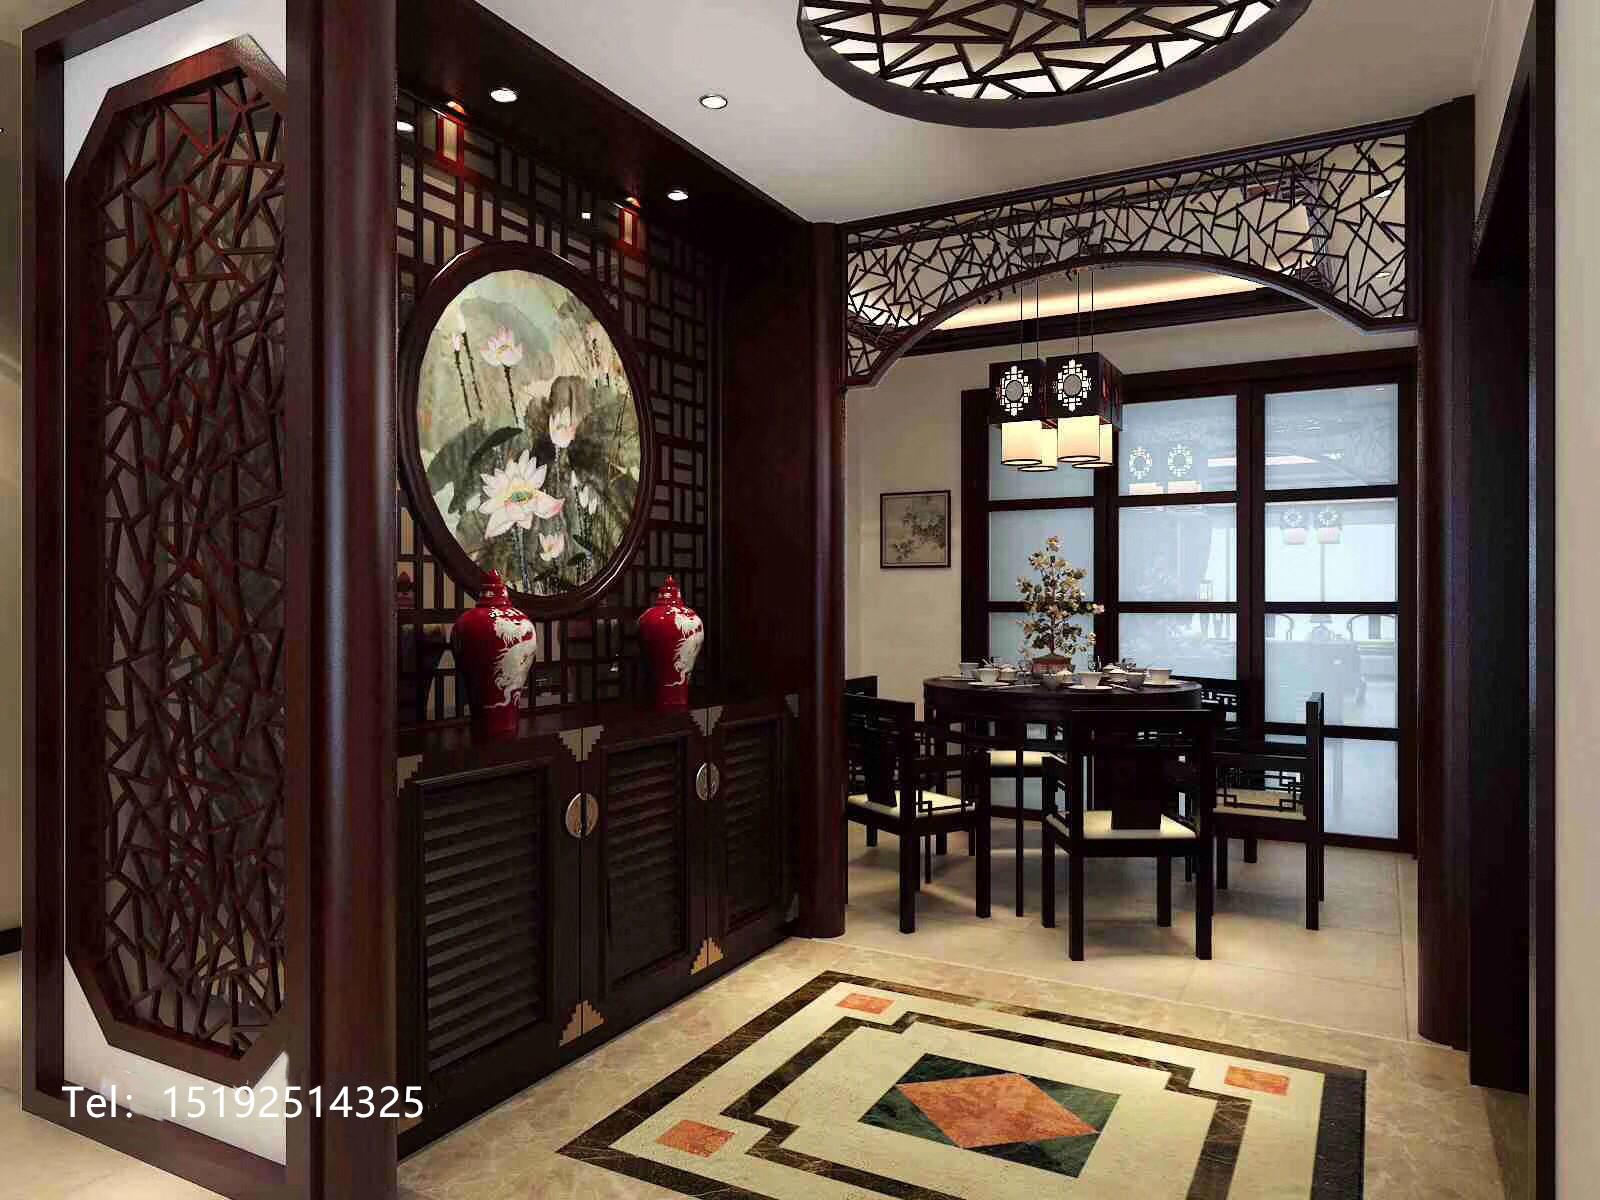 中式 青岛 装修 三居 餐厅图片来自快乐彩在崂山区金领世家传统中式风格的分享